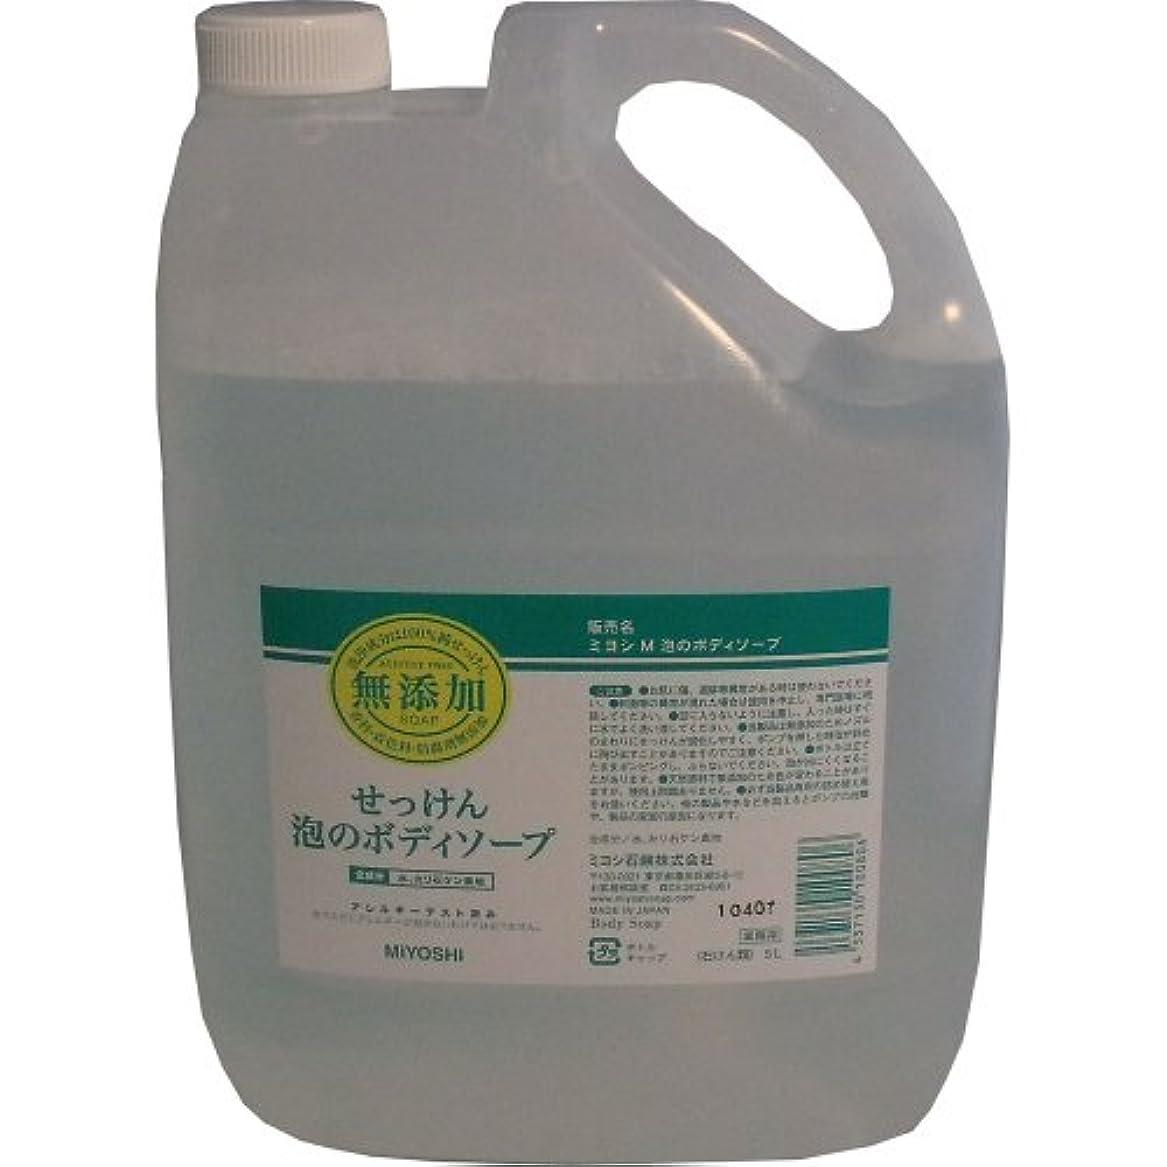 部分結婚式マダムミヨシ石鹸 業務用 無添加せっけん 泡のボディソープ 詰め替え用 5Lサイズ×4点セット